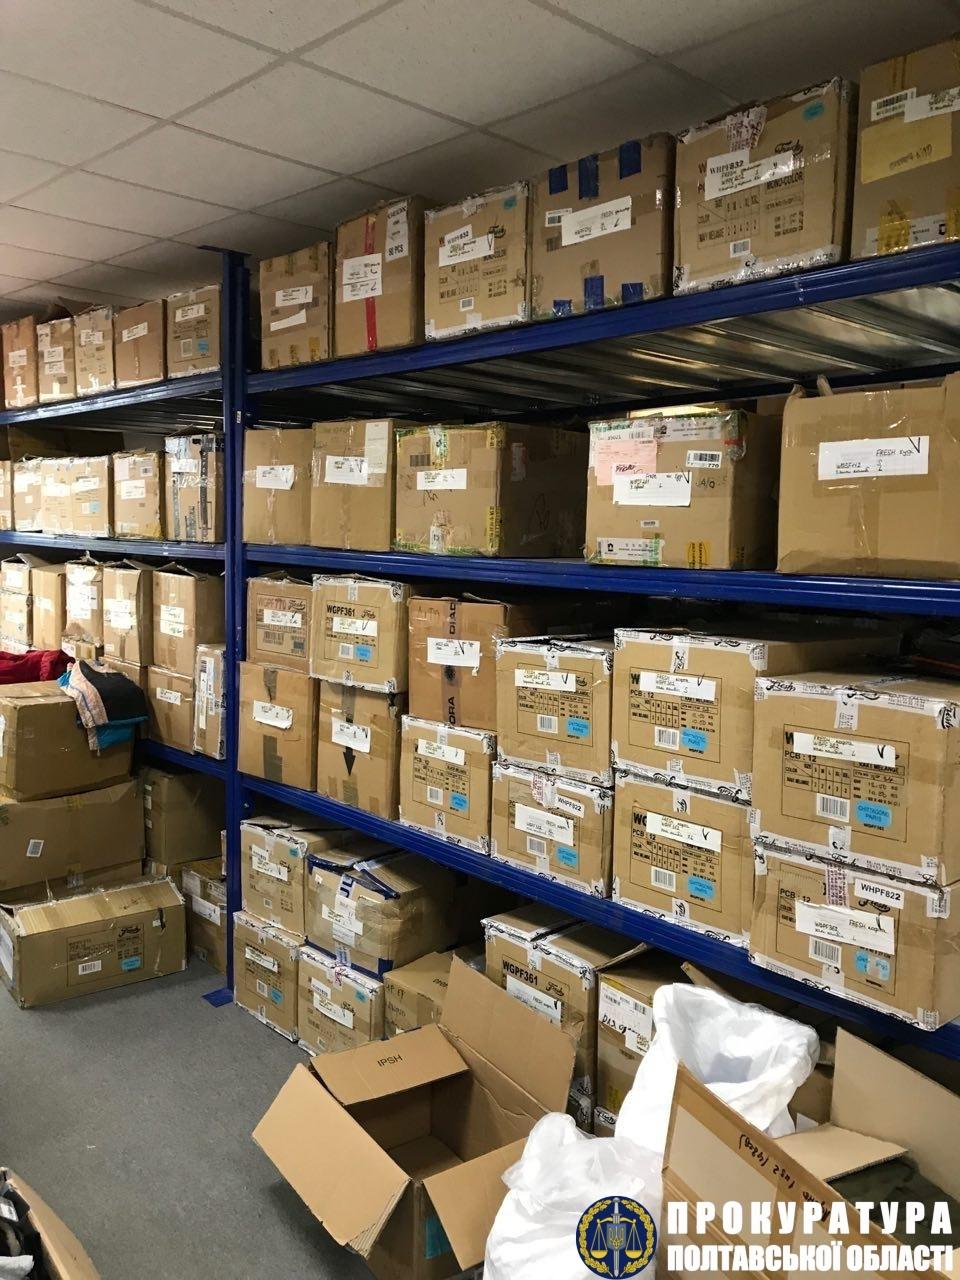 Прокуратурою Полтавщини ліквідовано канал контрабанди брендових товарів в Україну, фото-4